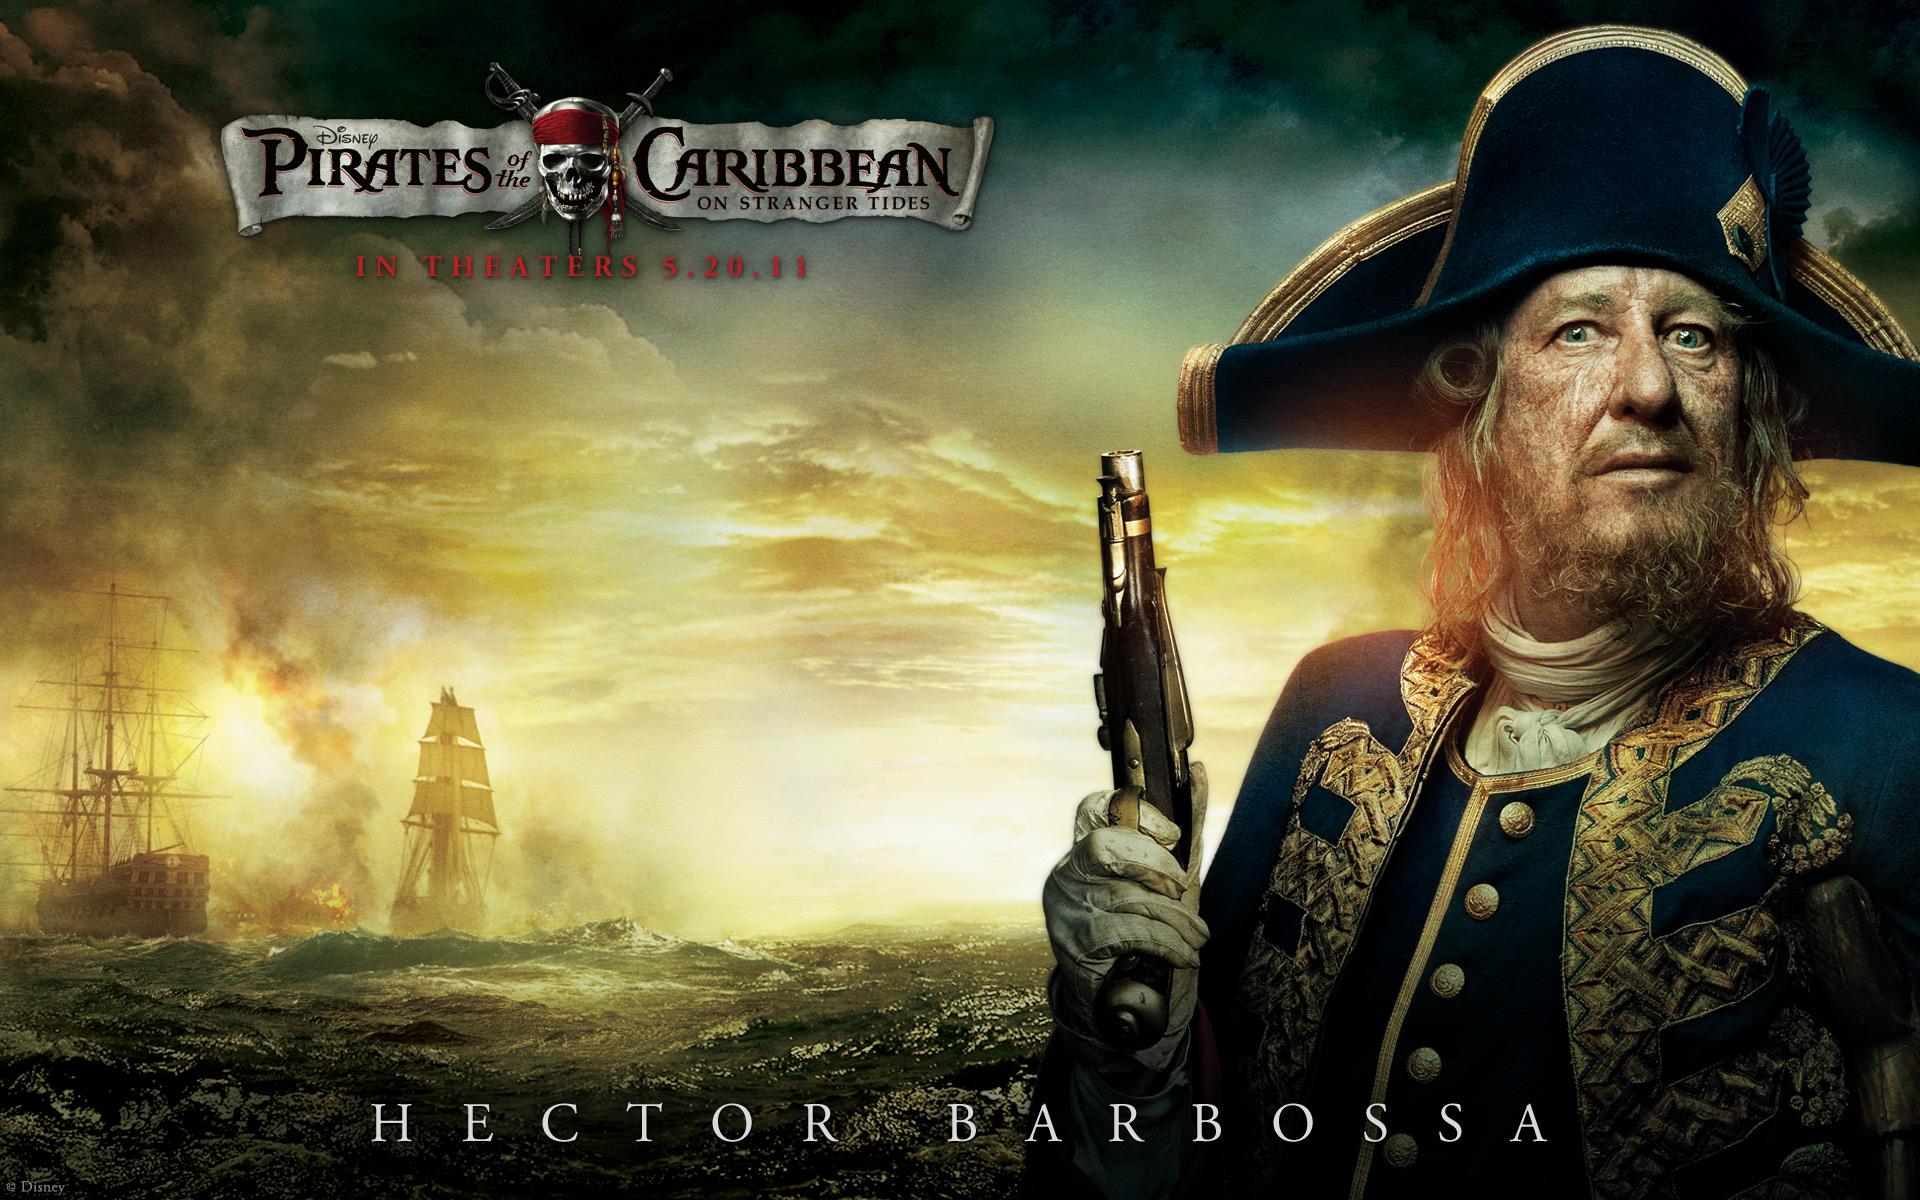 Geoffrey Rush in Pirati dei Caraibi 4 Sfondi Sfondi HD 1920x1200